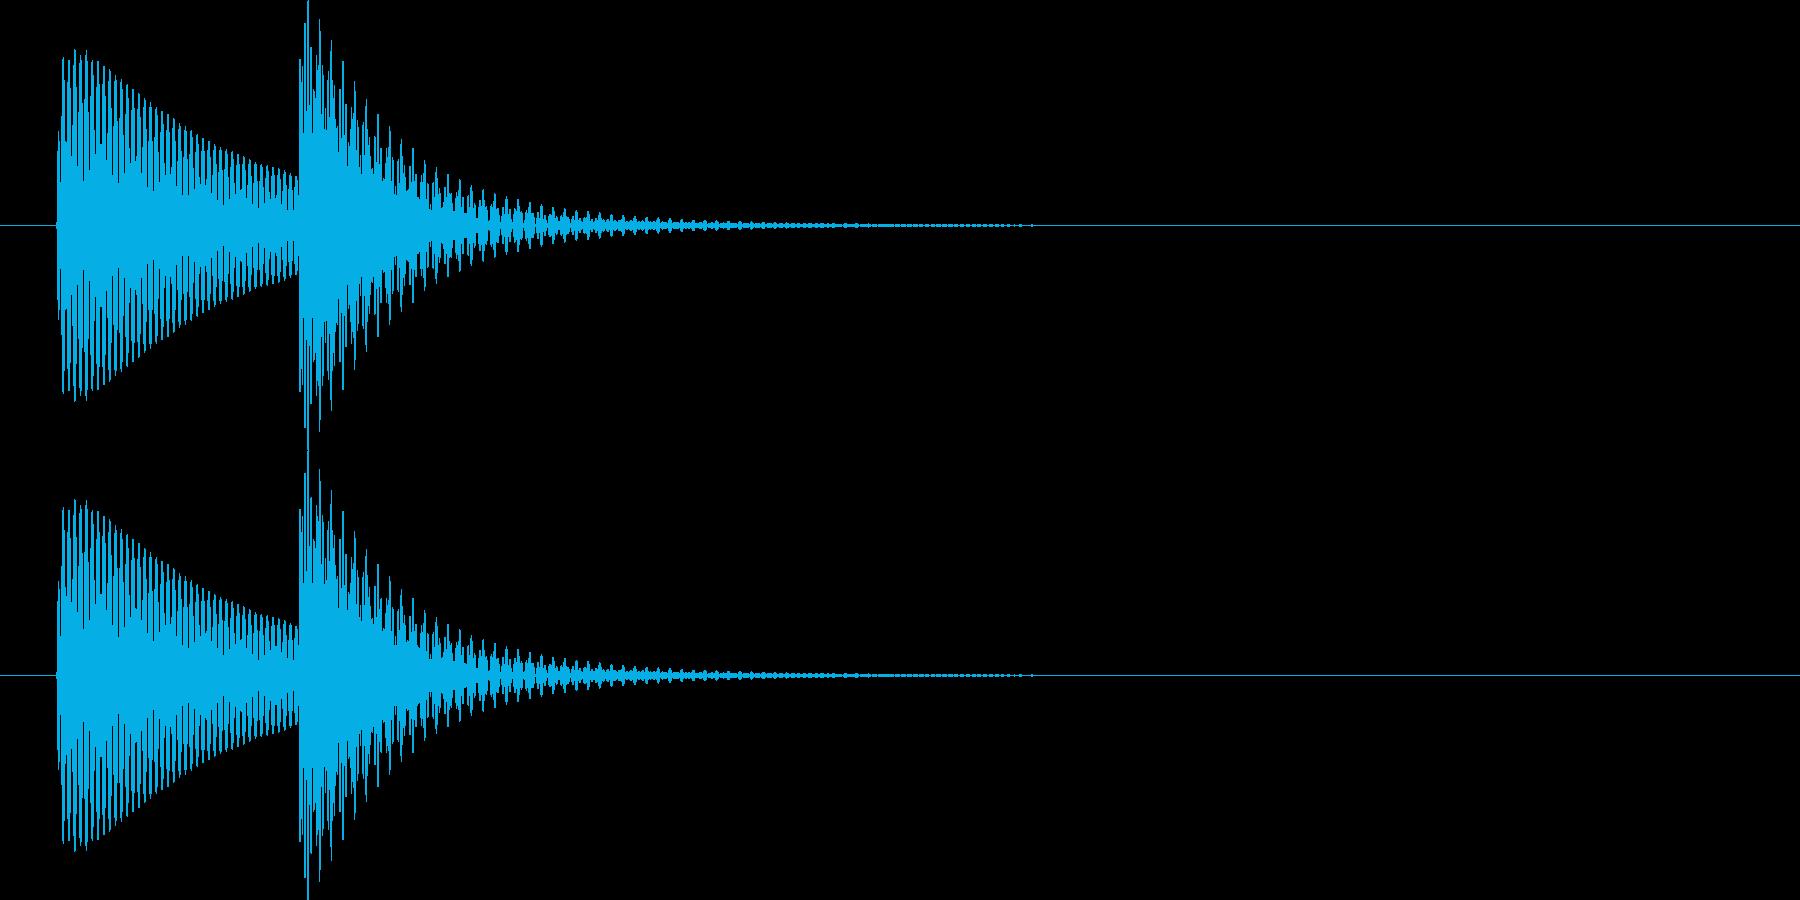 ポコ(ポコン)汎用的なタッチ、クリック音の再生済みの波形